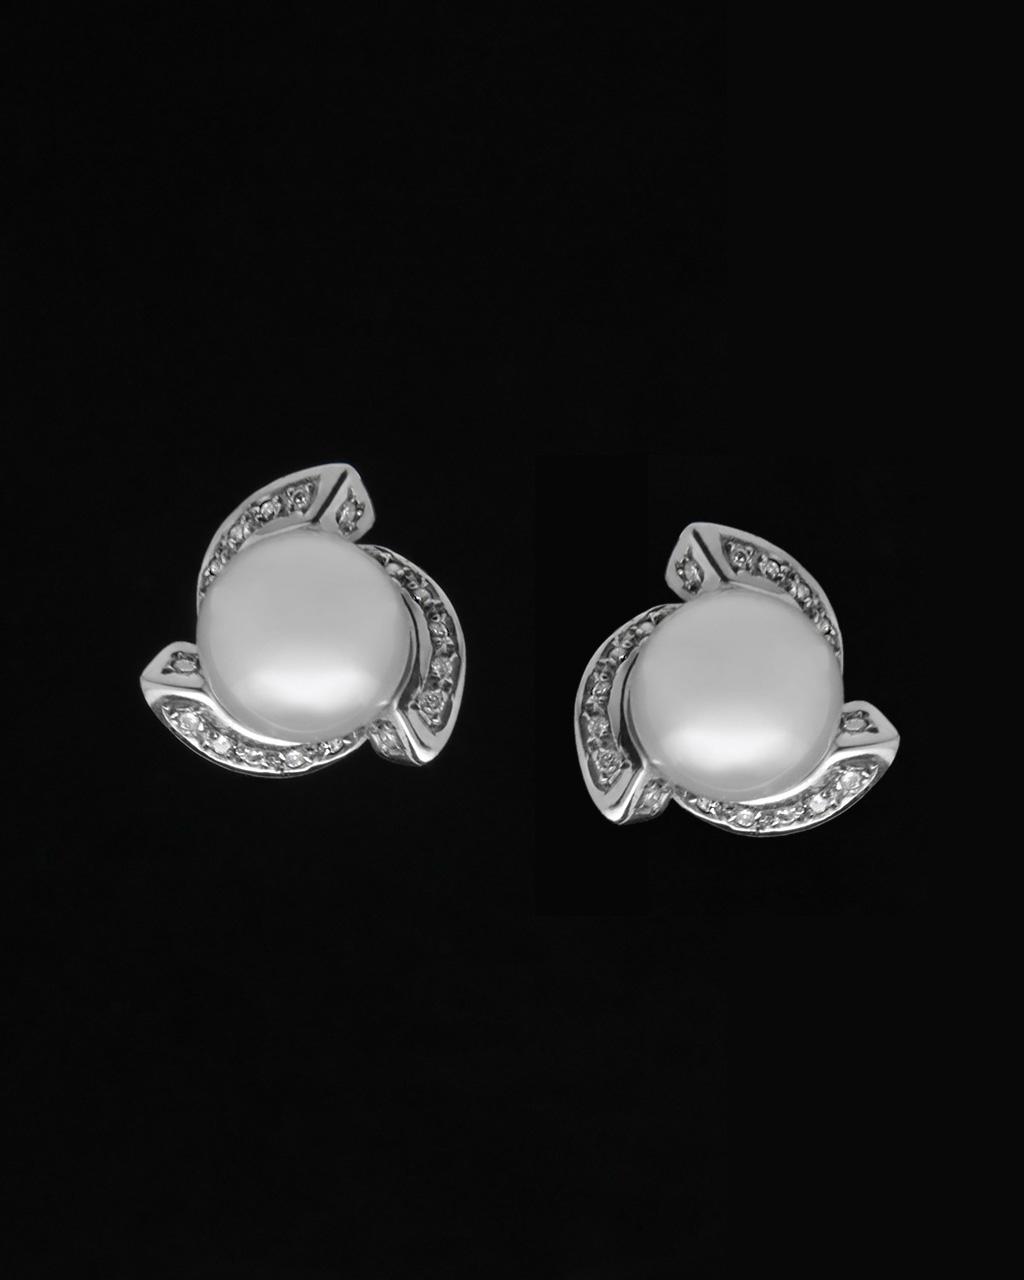 Σκουλαρίκια λευκόχρυσα Κ18 με Διαμάντια & Μαργαριτάρια